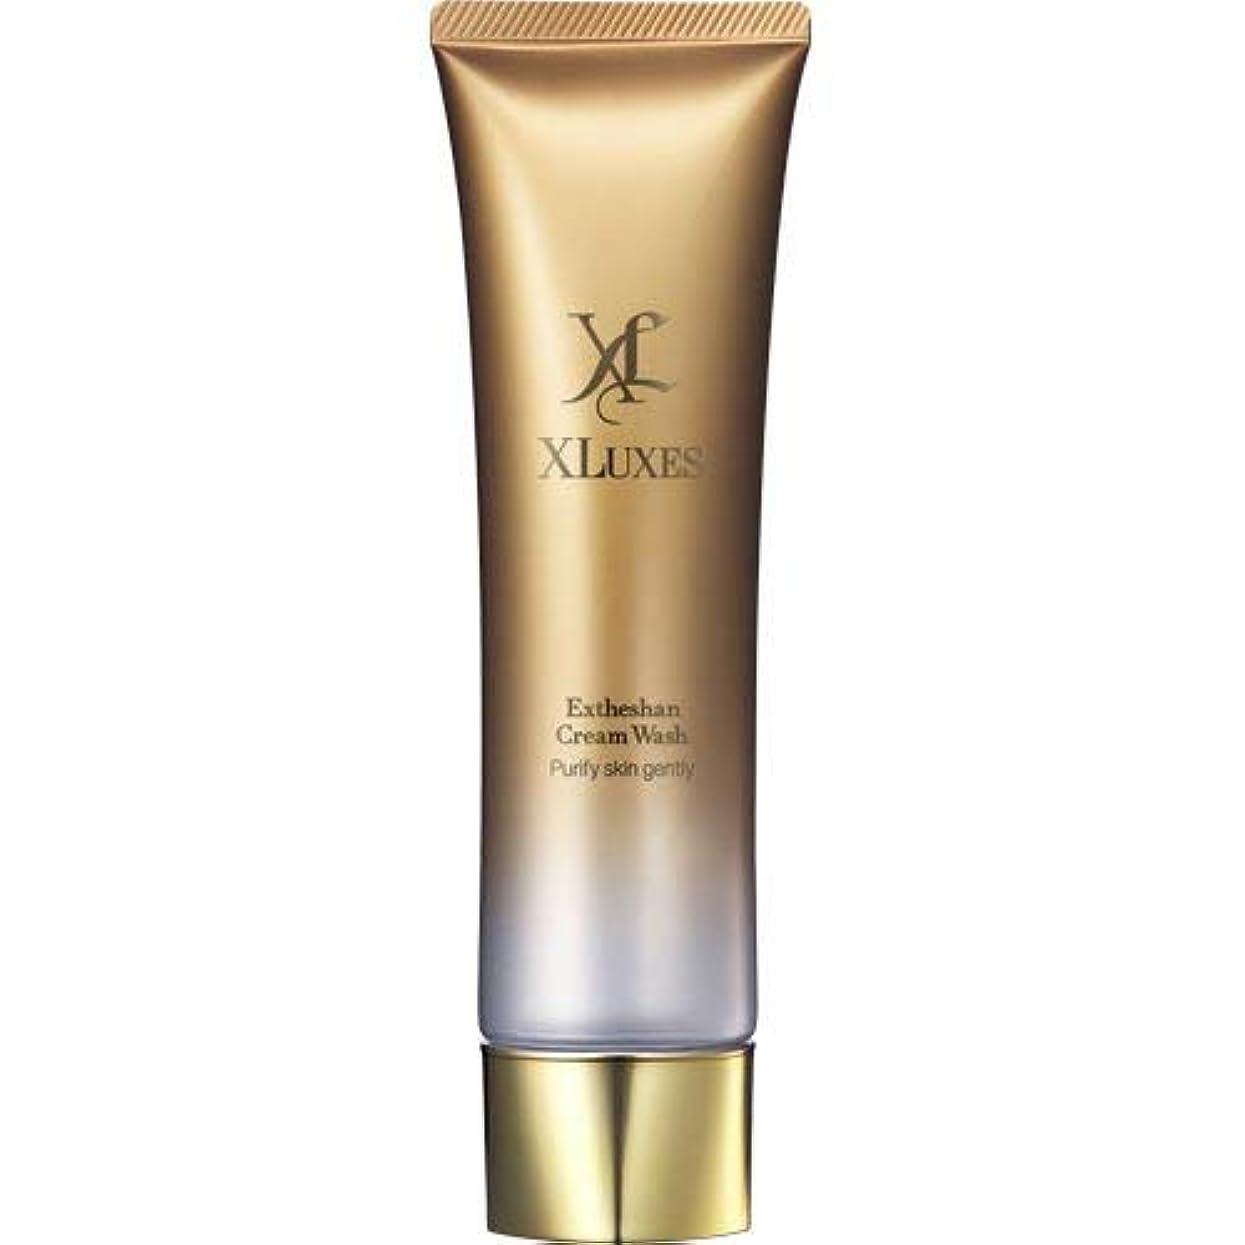 彫る繁栄激怒XLUXES スキンケア洗顔料 ヒト幹細胞培養液配合 エグゼティシャン クリームウォッシュ